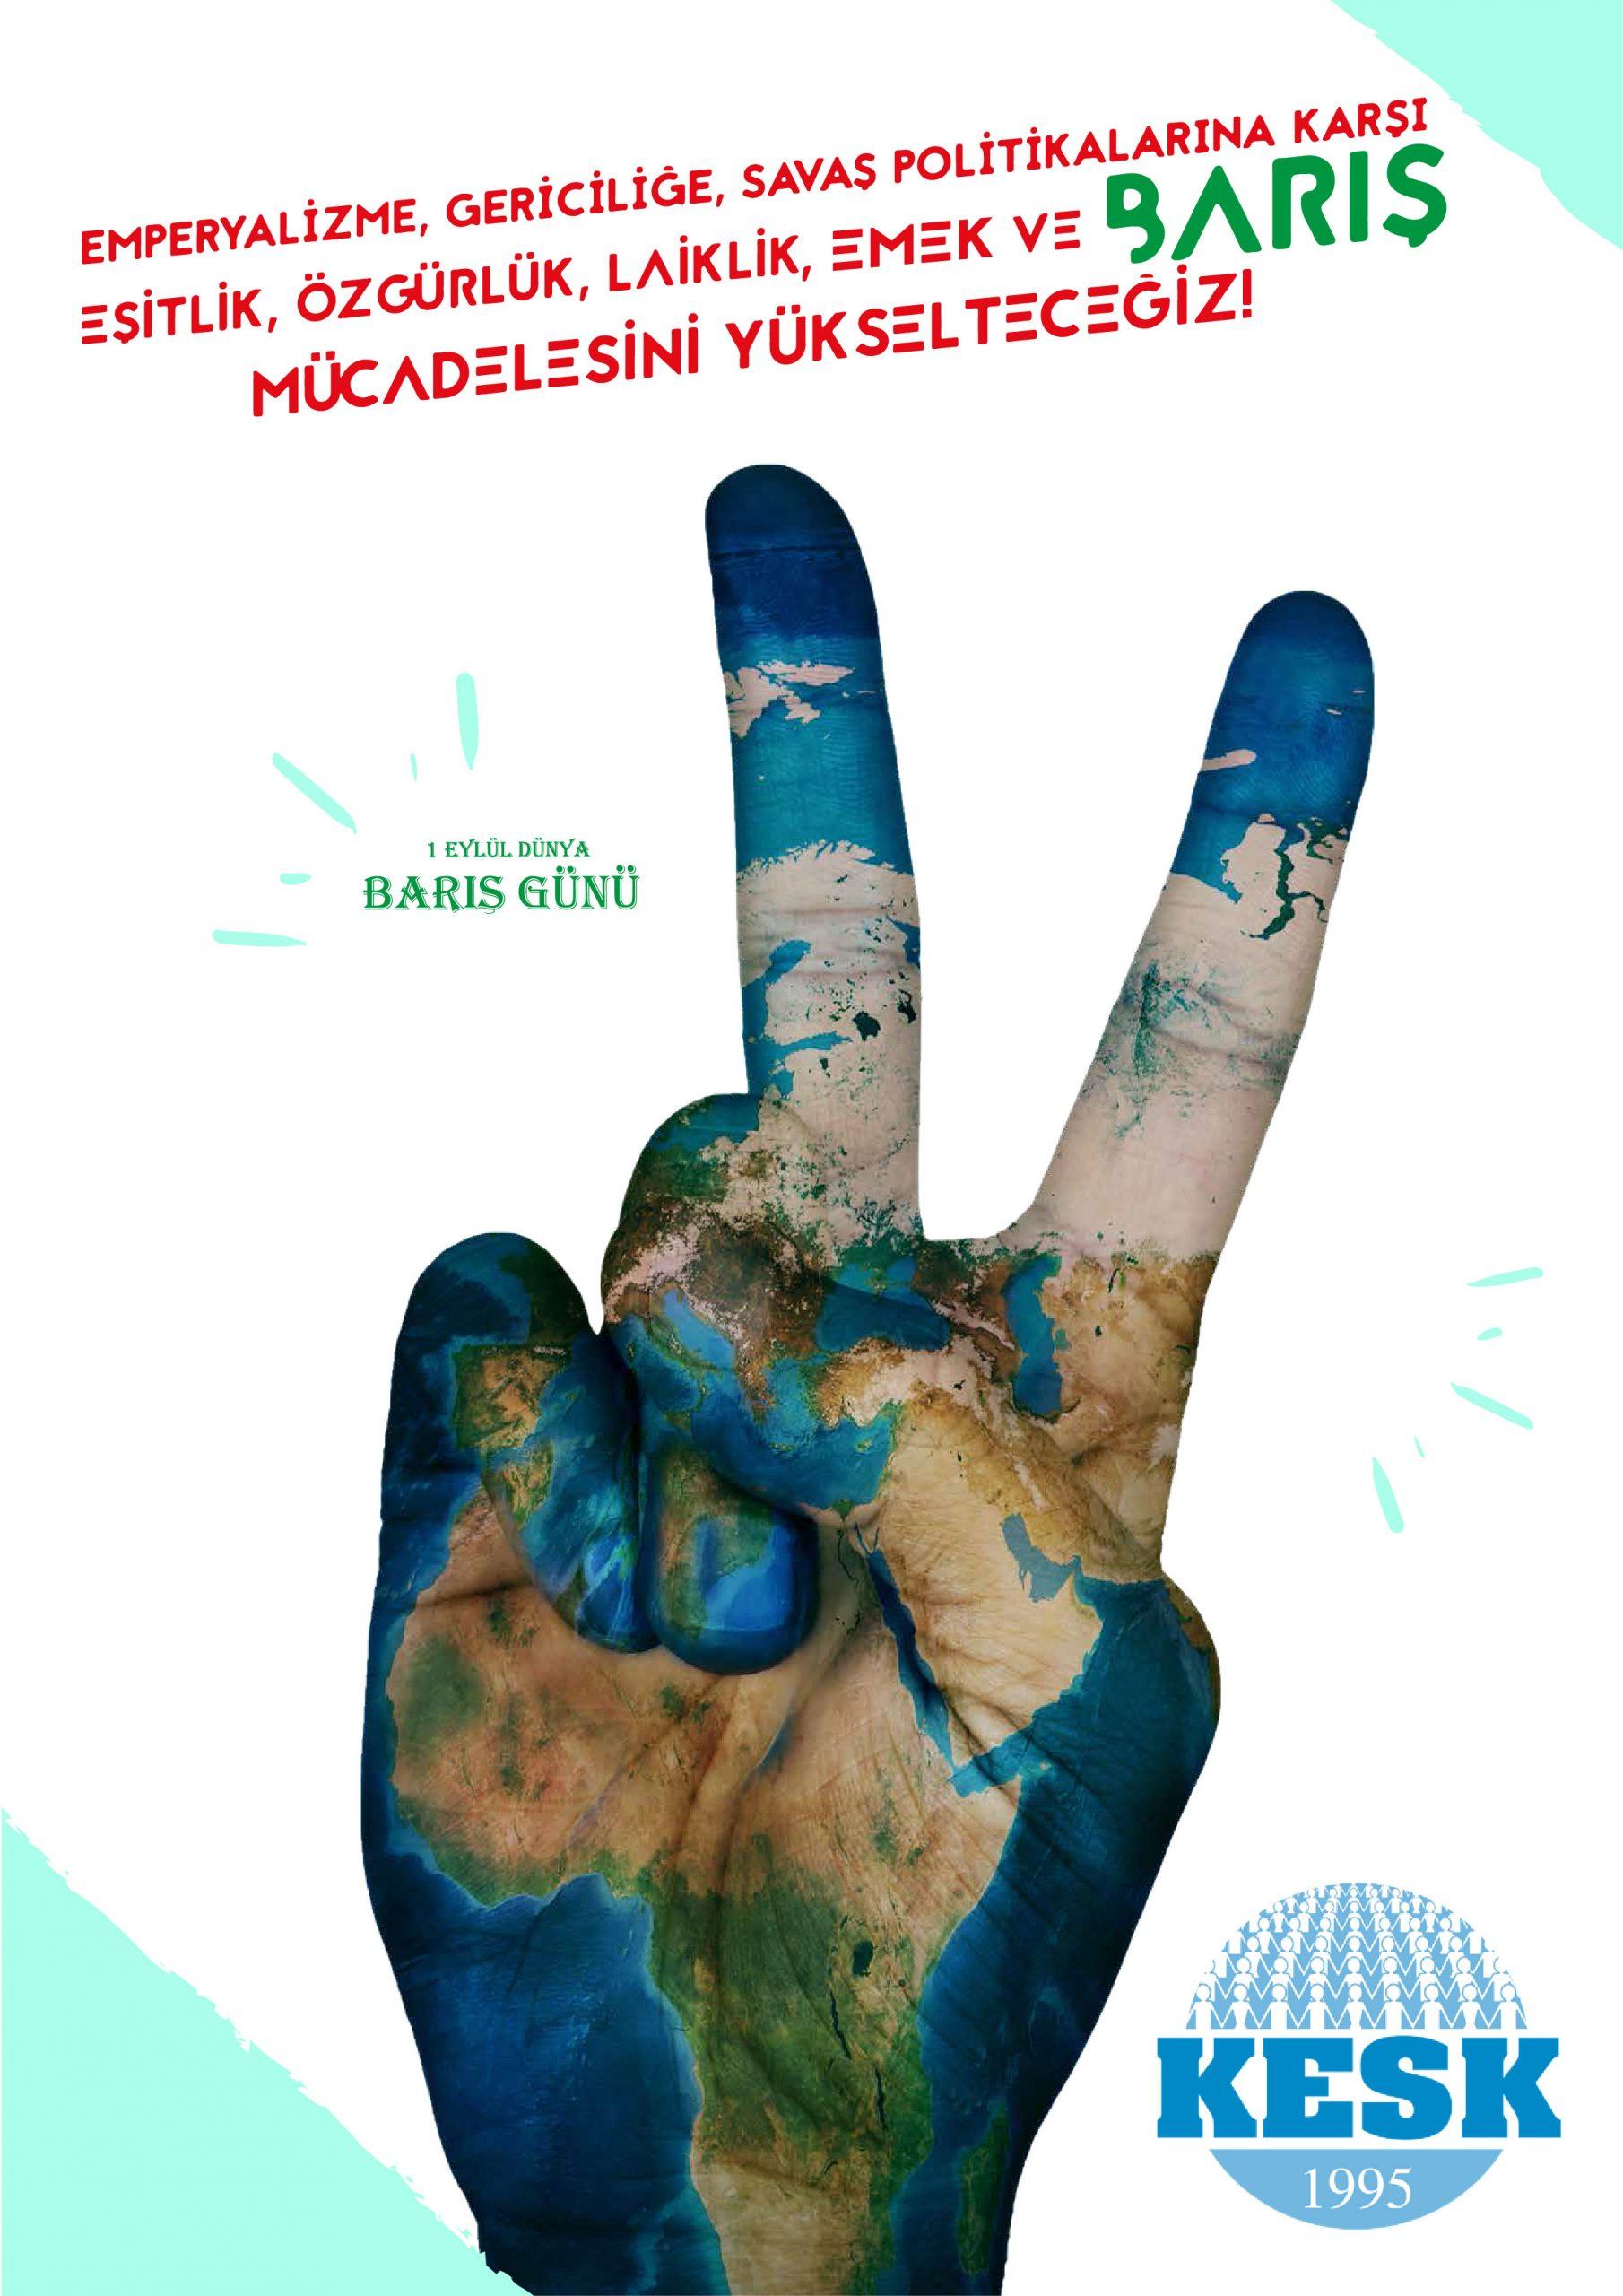 1 Eylül Dünya Barış Günü Mesajımız: Barış, Demokrasi, Özgürlük, Güvenceli İş, İnsan Onuruna Yaraşır Koşullar Sağlanmalı, Toplumsal Cinsiyet Eşitsizliğine Son Verilmelidir!